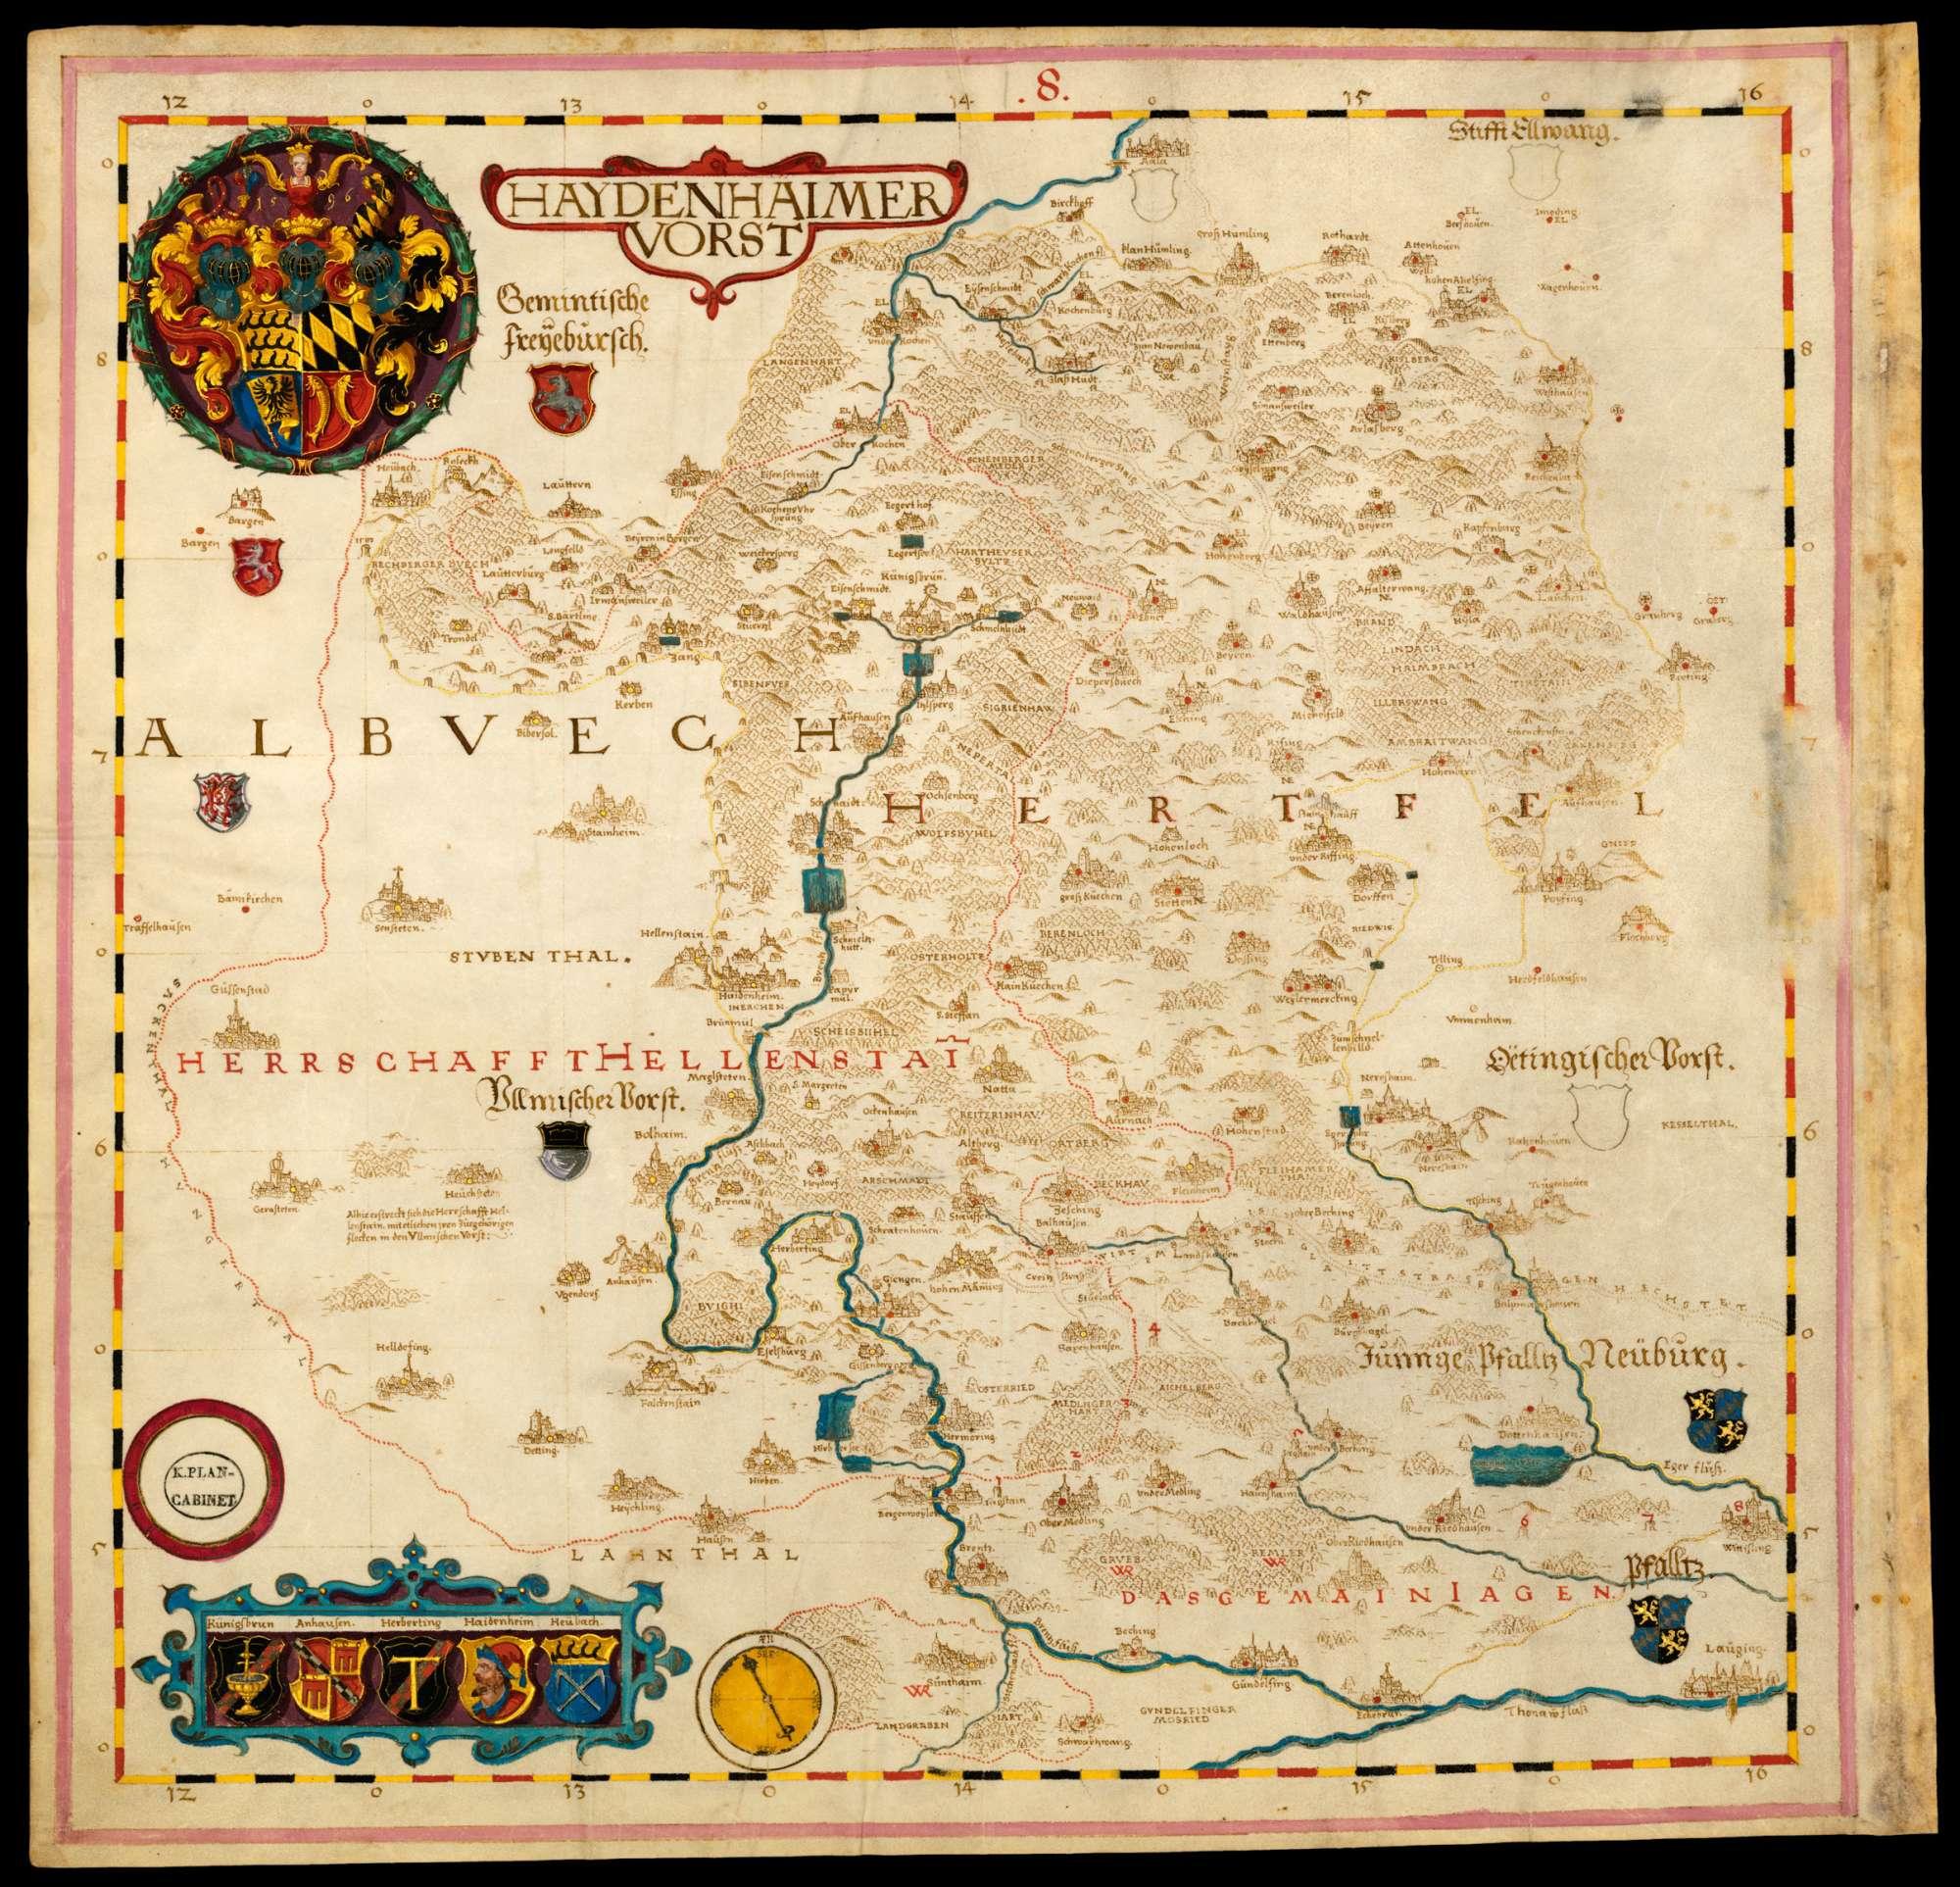 Bl. 13 v: Heidenheimer Forst [mit Herrschaft Hellenstein] (8), Bild 1